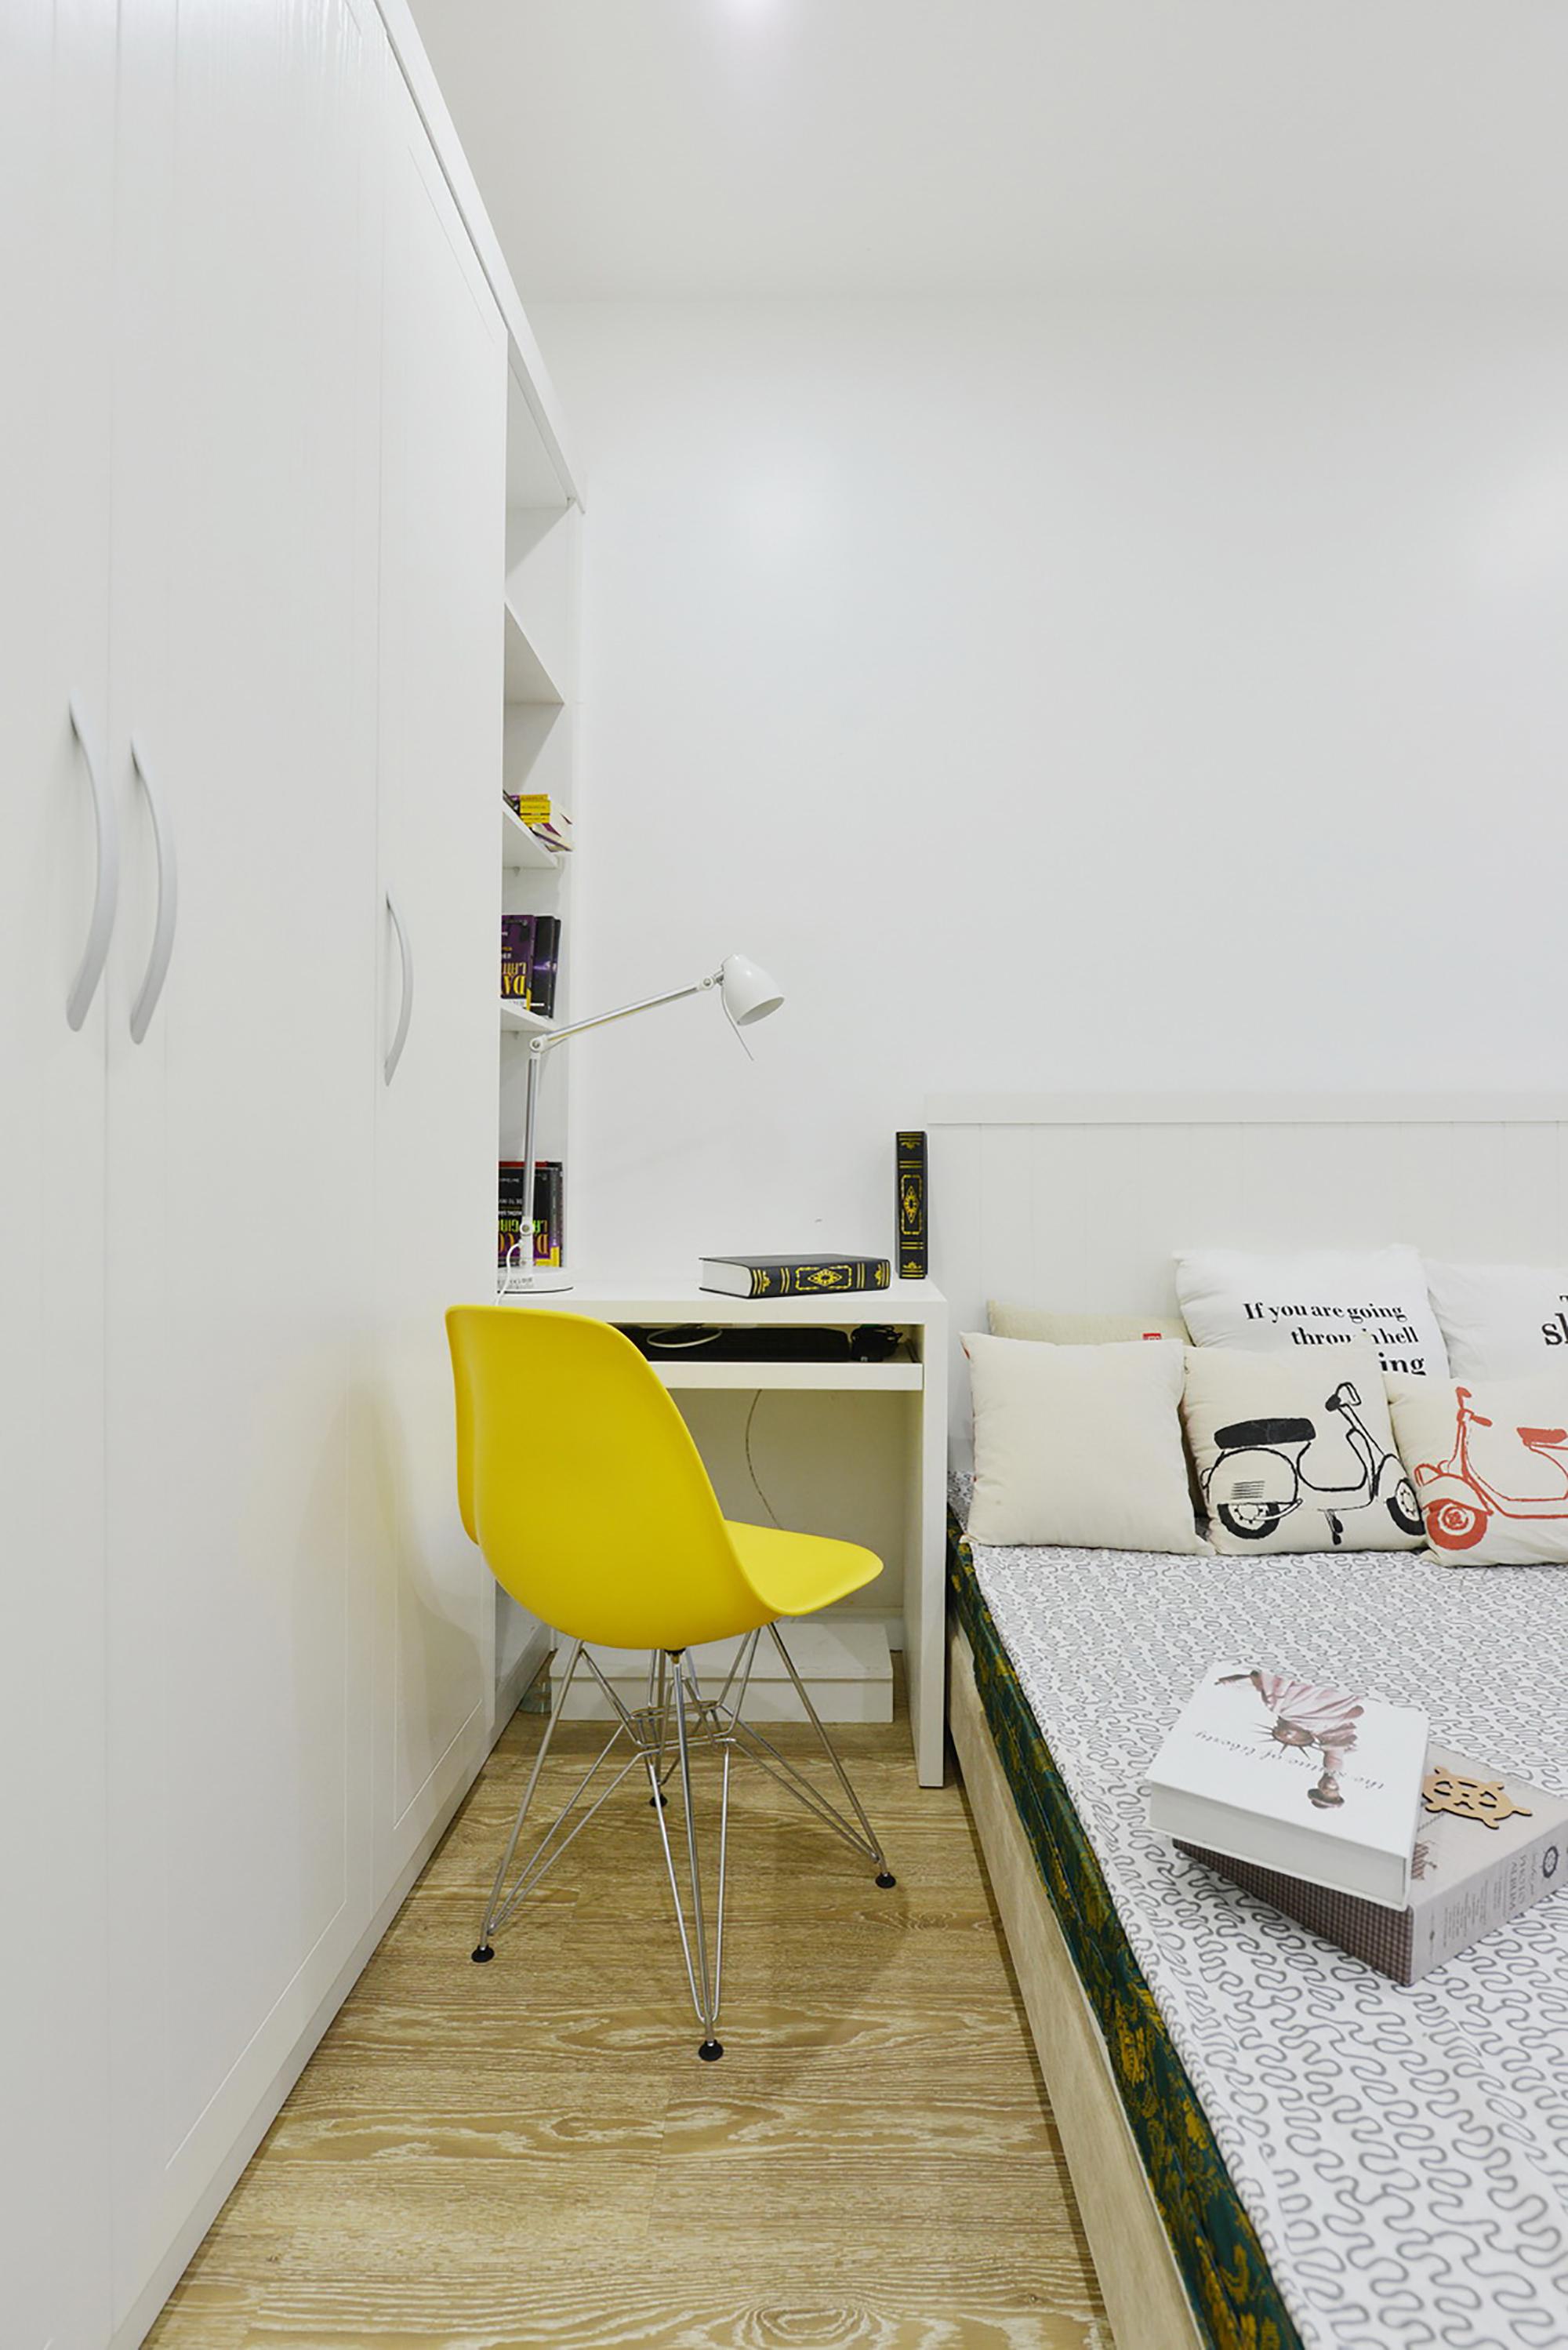 moderen-apartament-s-tsveten-i-udoben-interior-9g